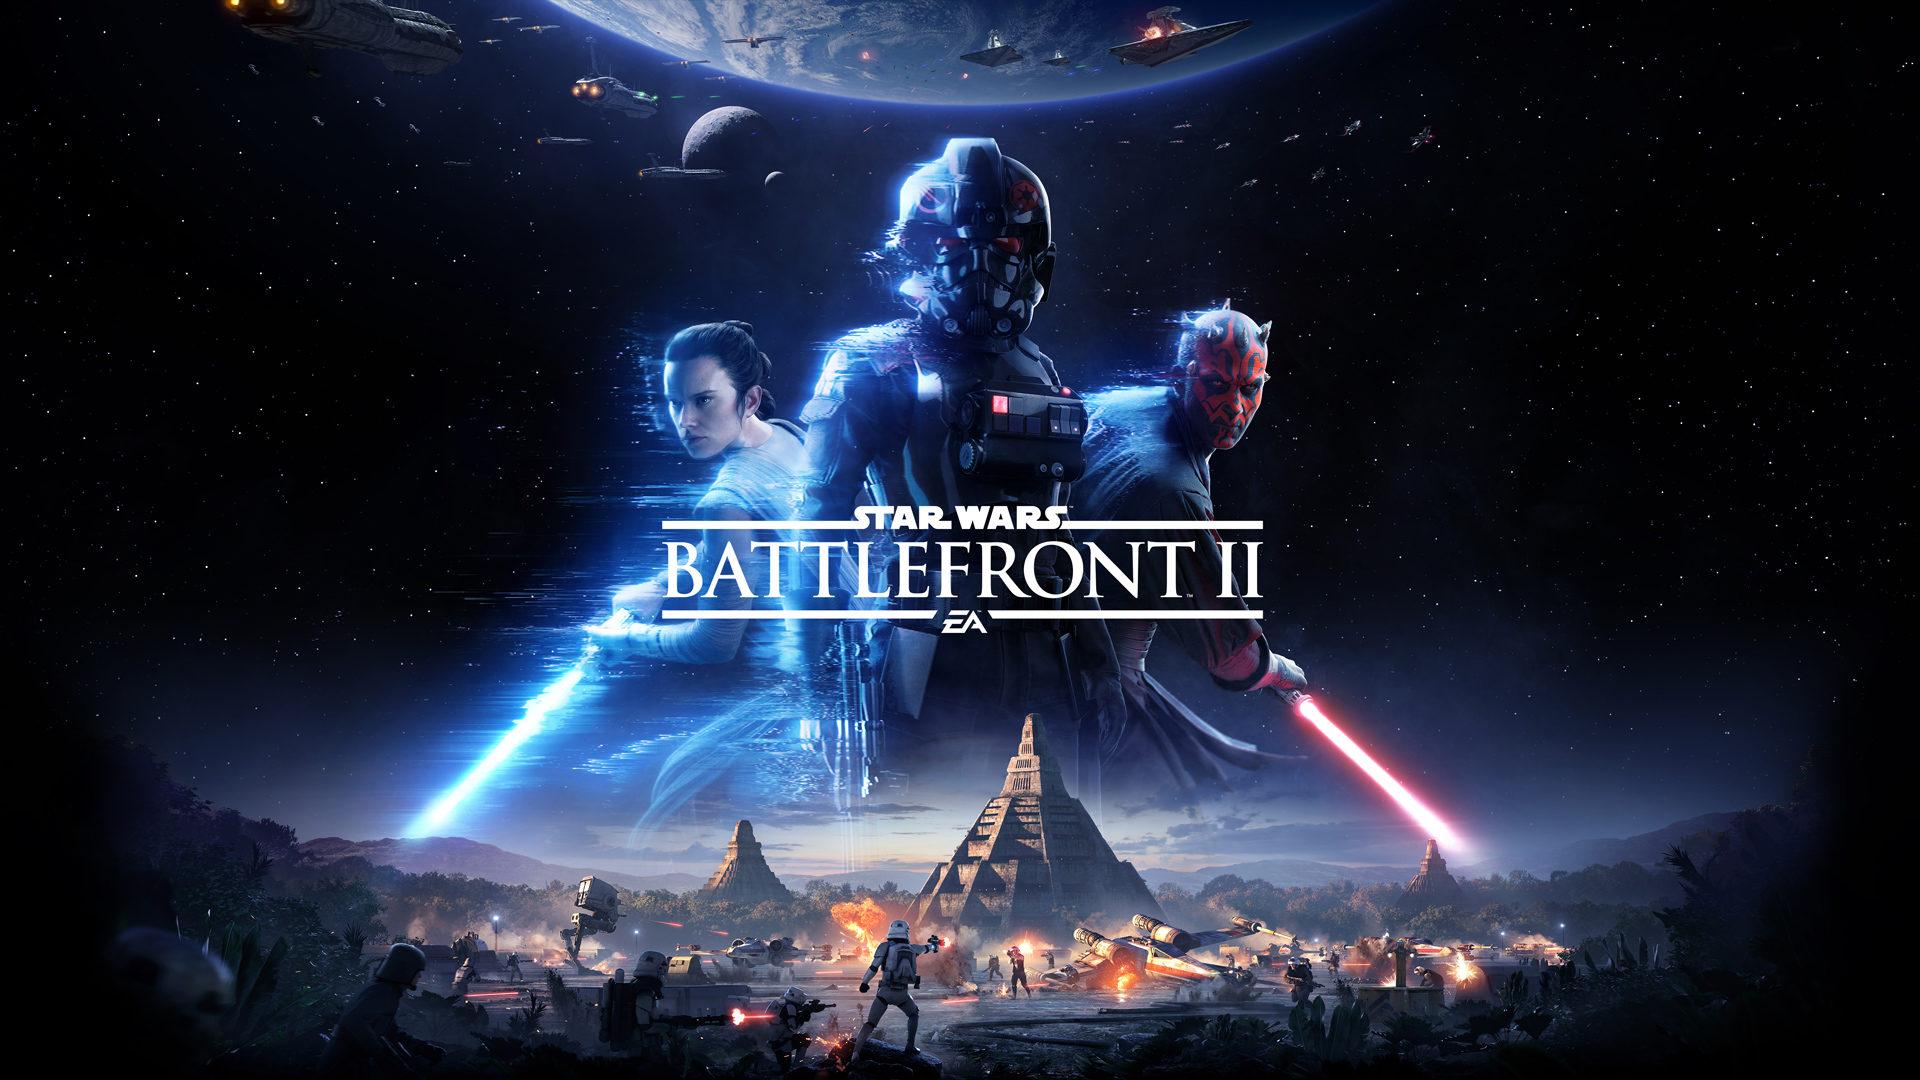 Image result for star wars battlefront 2 november 17th